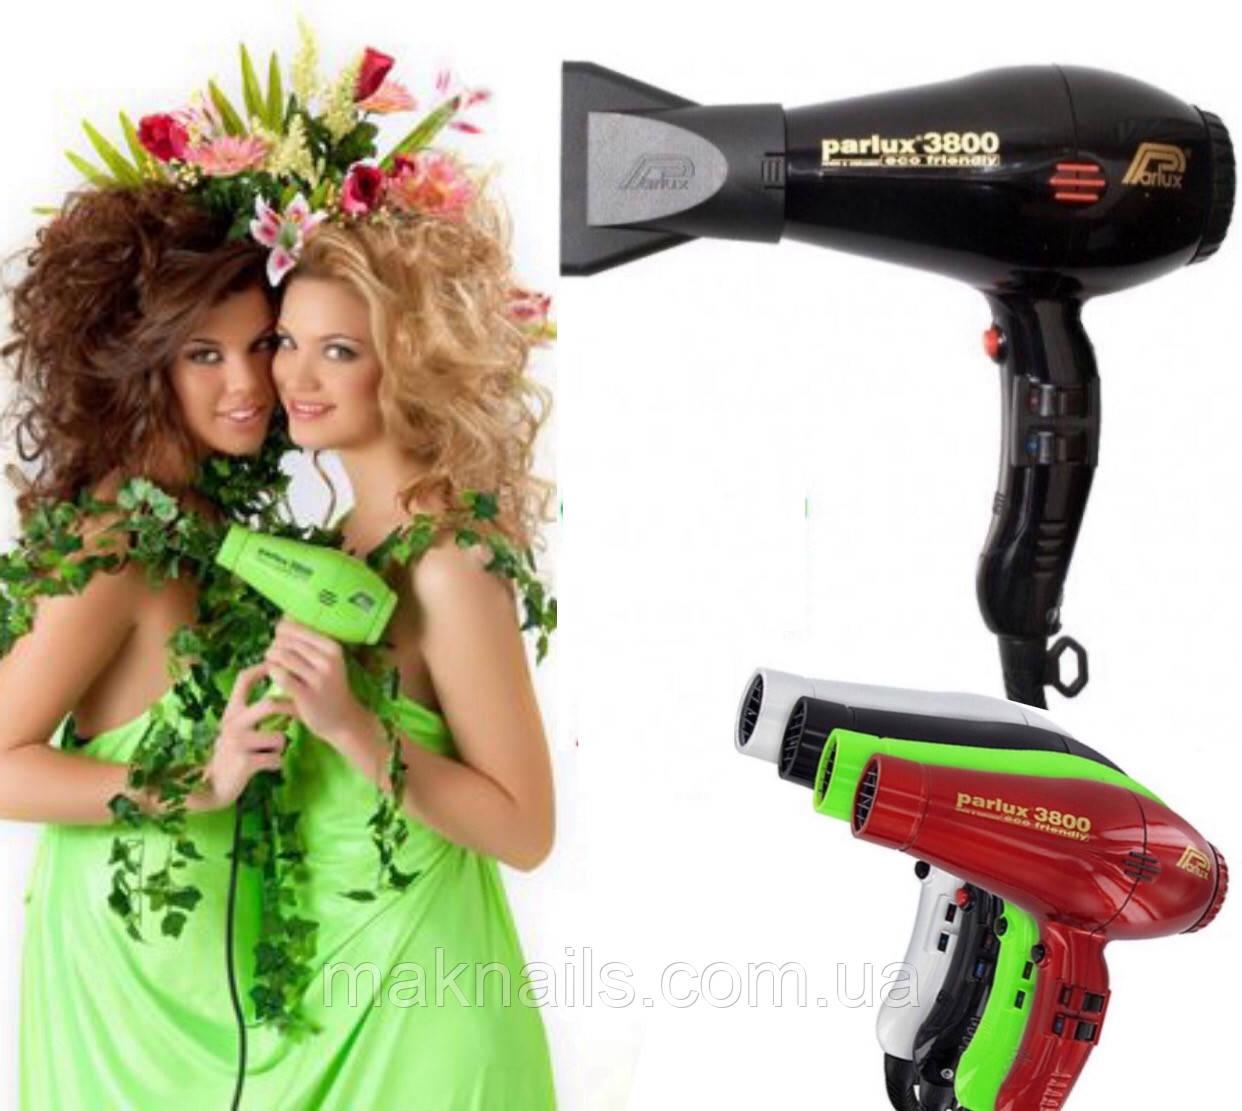 Акция. Фен для волос Parlux/Парлюкс Ceramic ionic 3800 Италия.Оригинал.